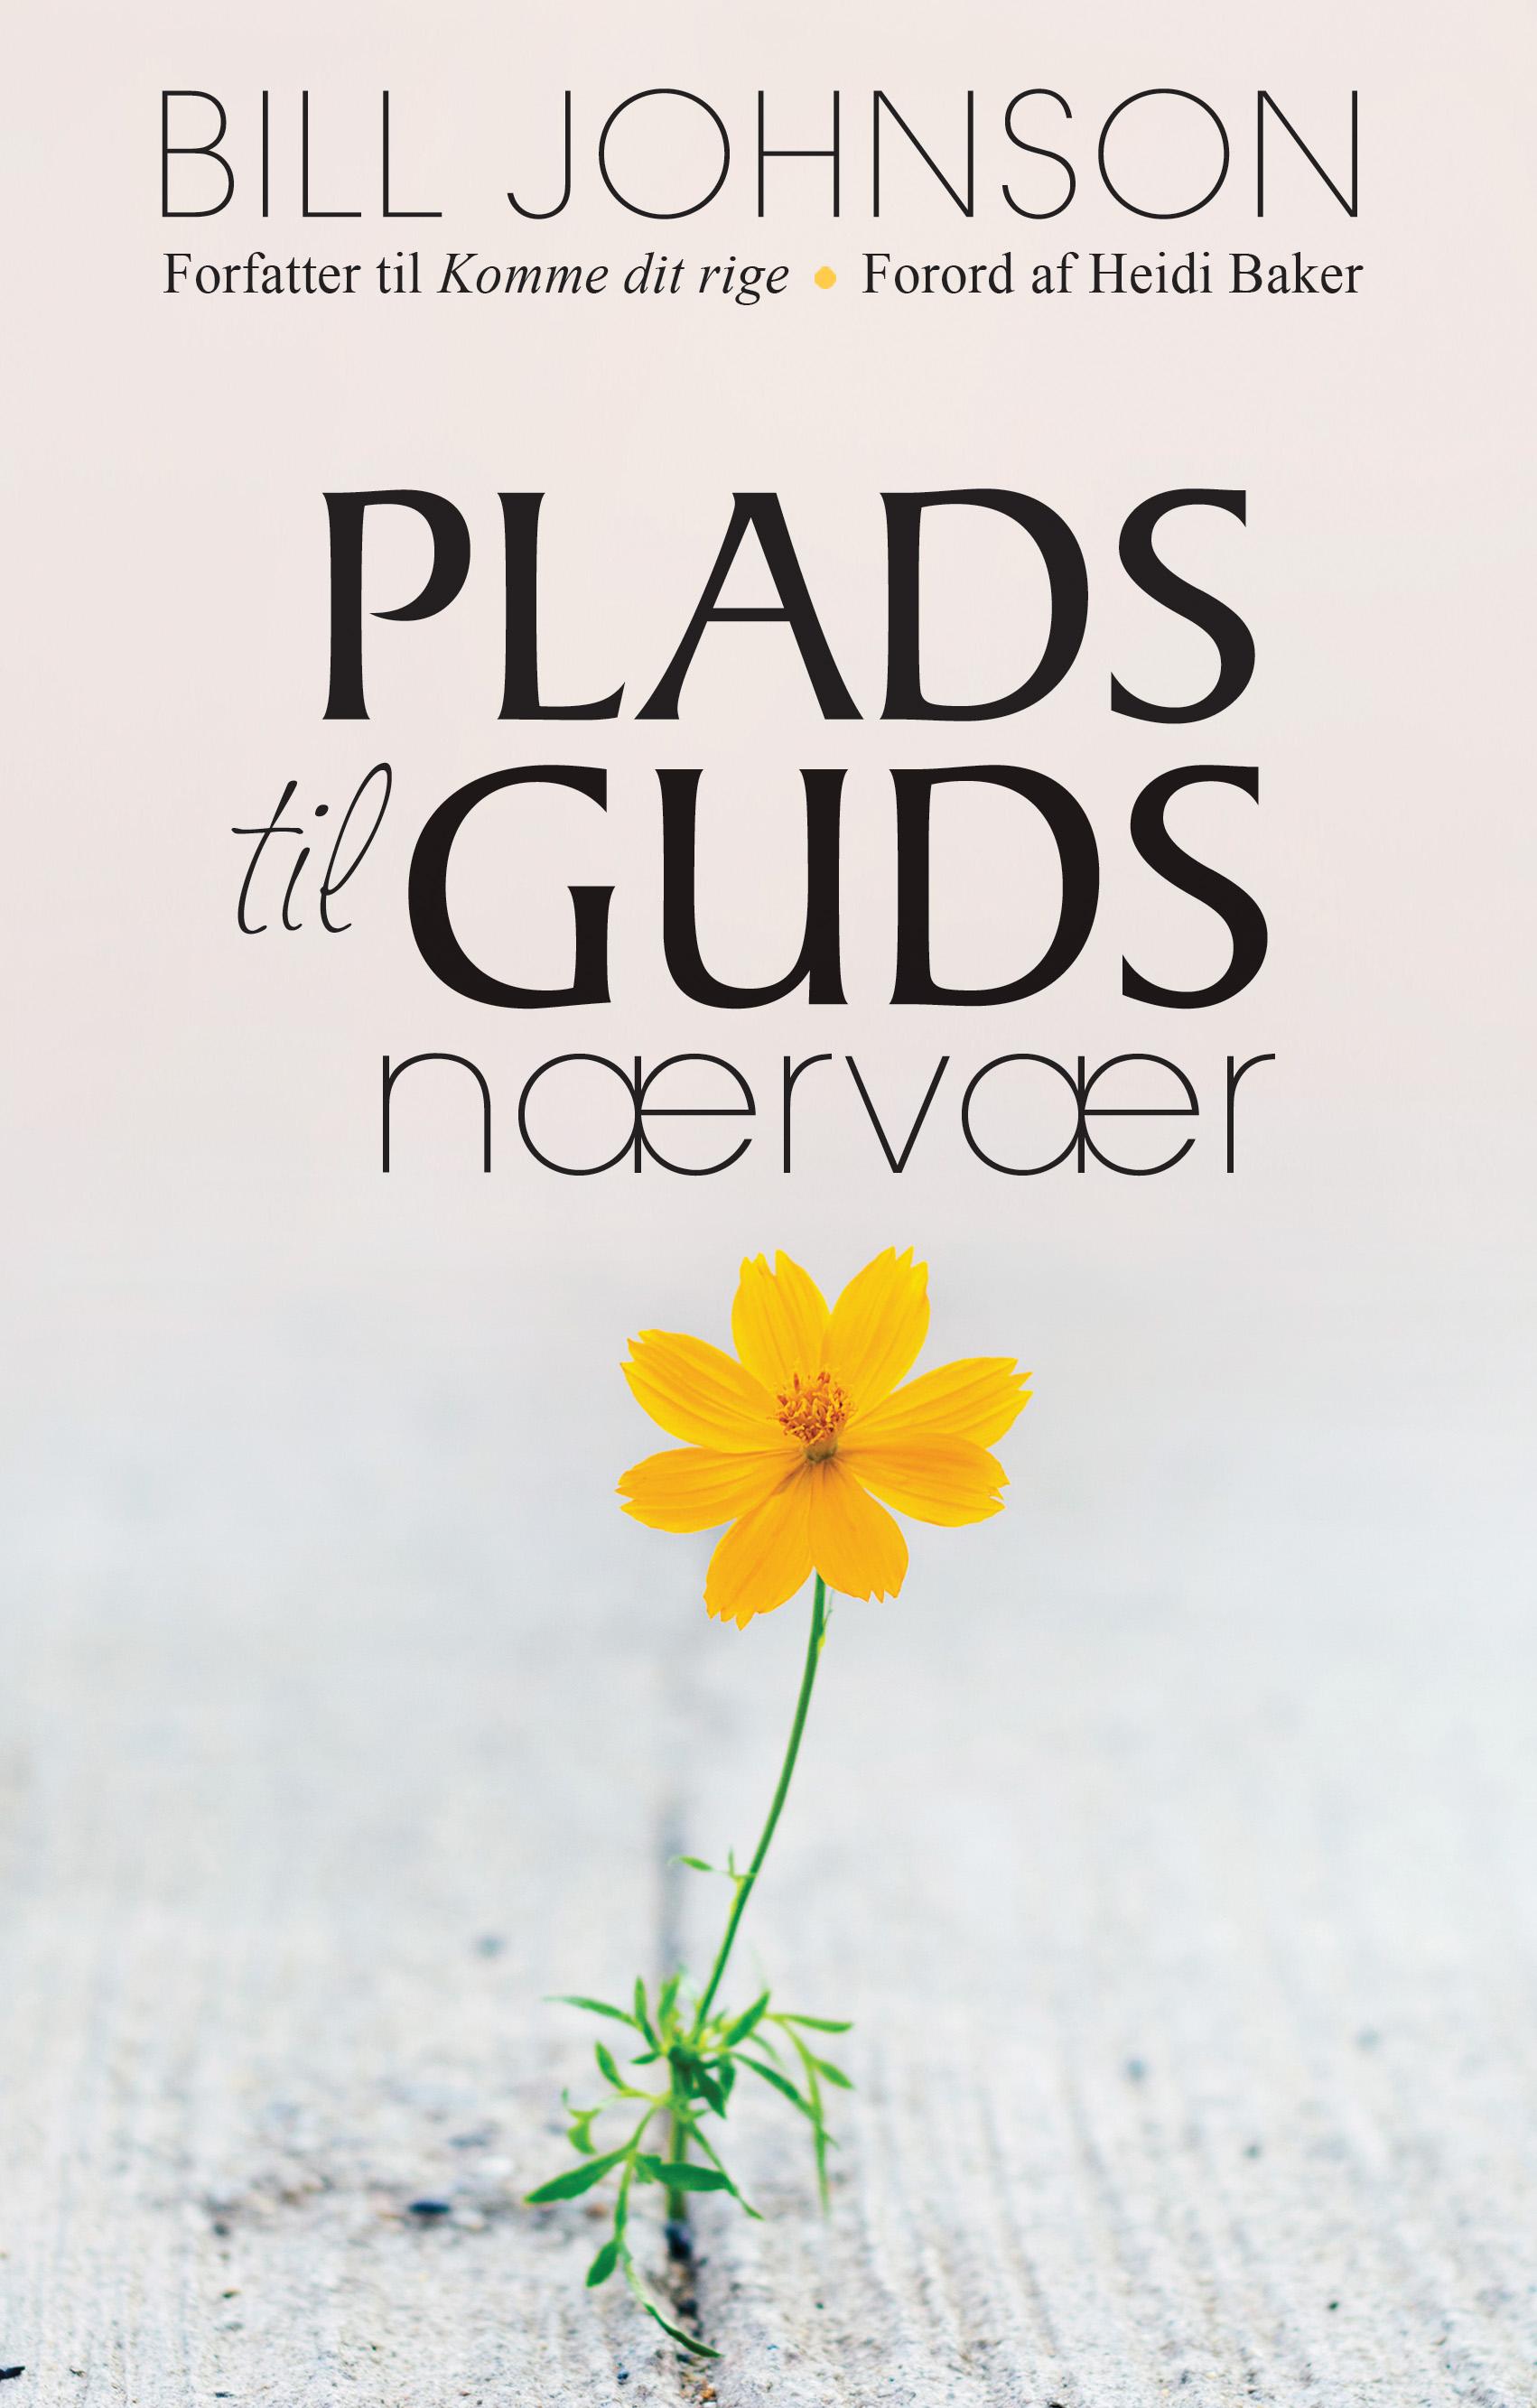 Plads til guds nærvær - e-bog fra N/A fra bog & mystik